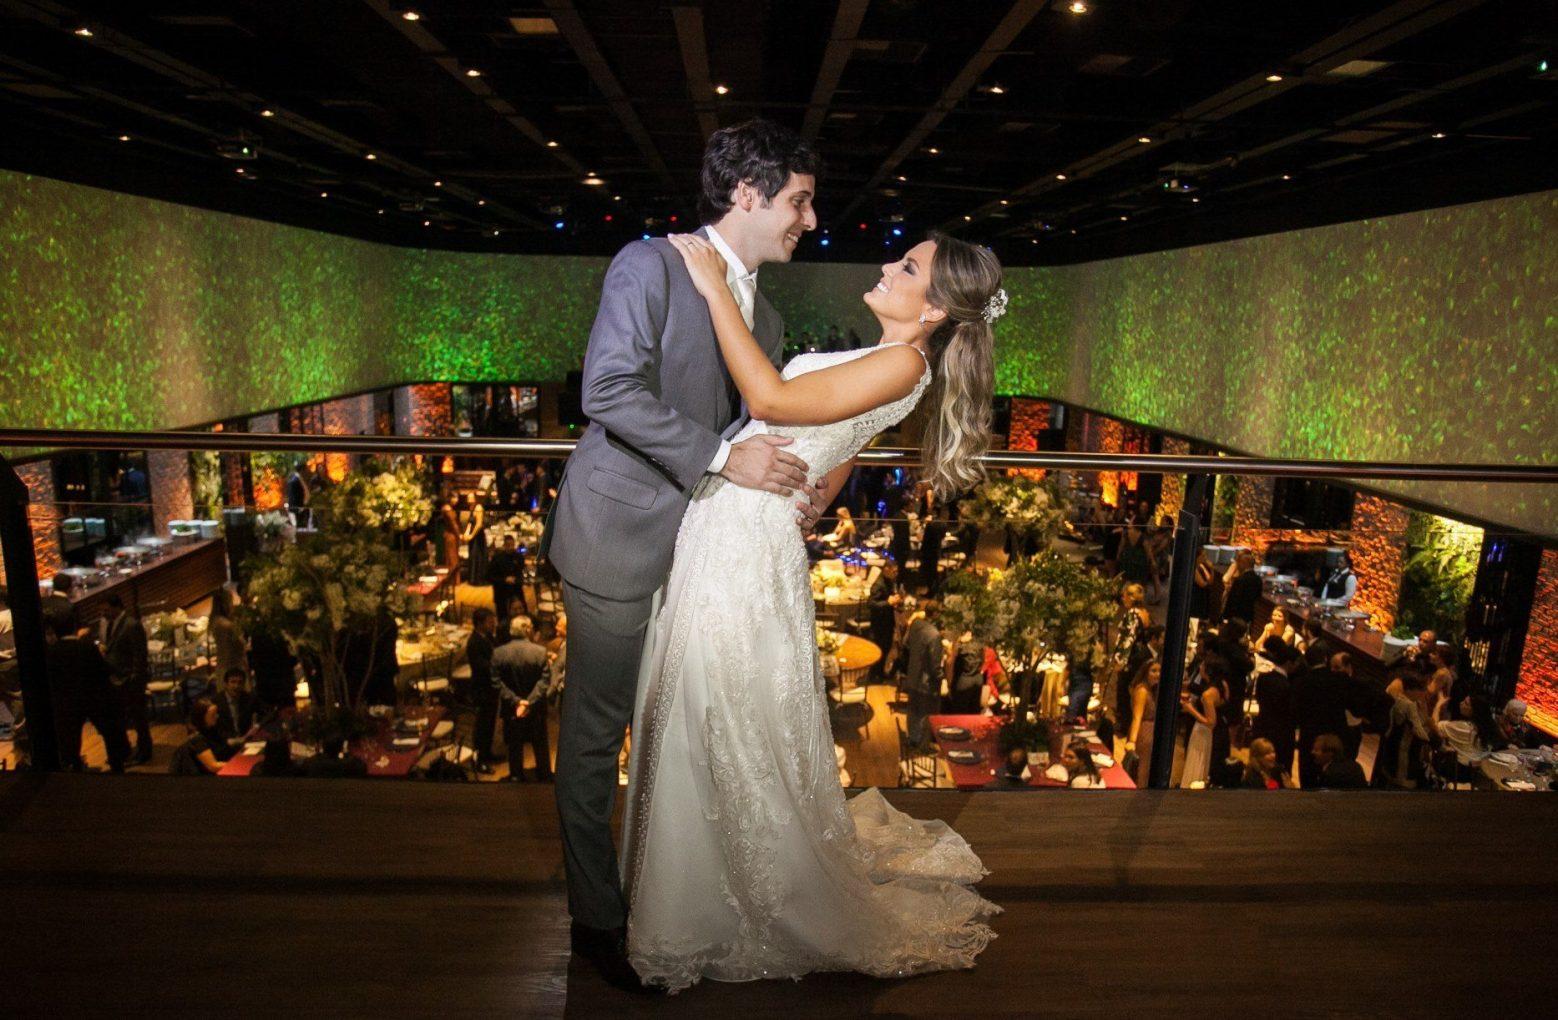 Aproveite seu Casamento: O que fazer para curtir a festa ao máximo!